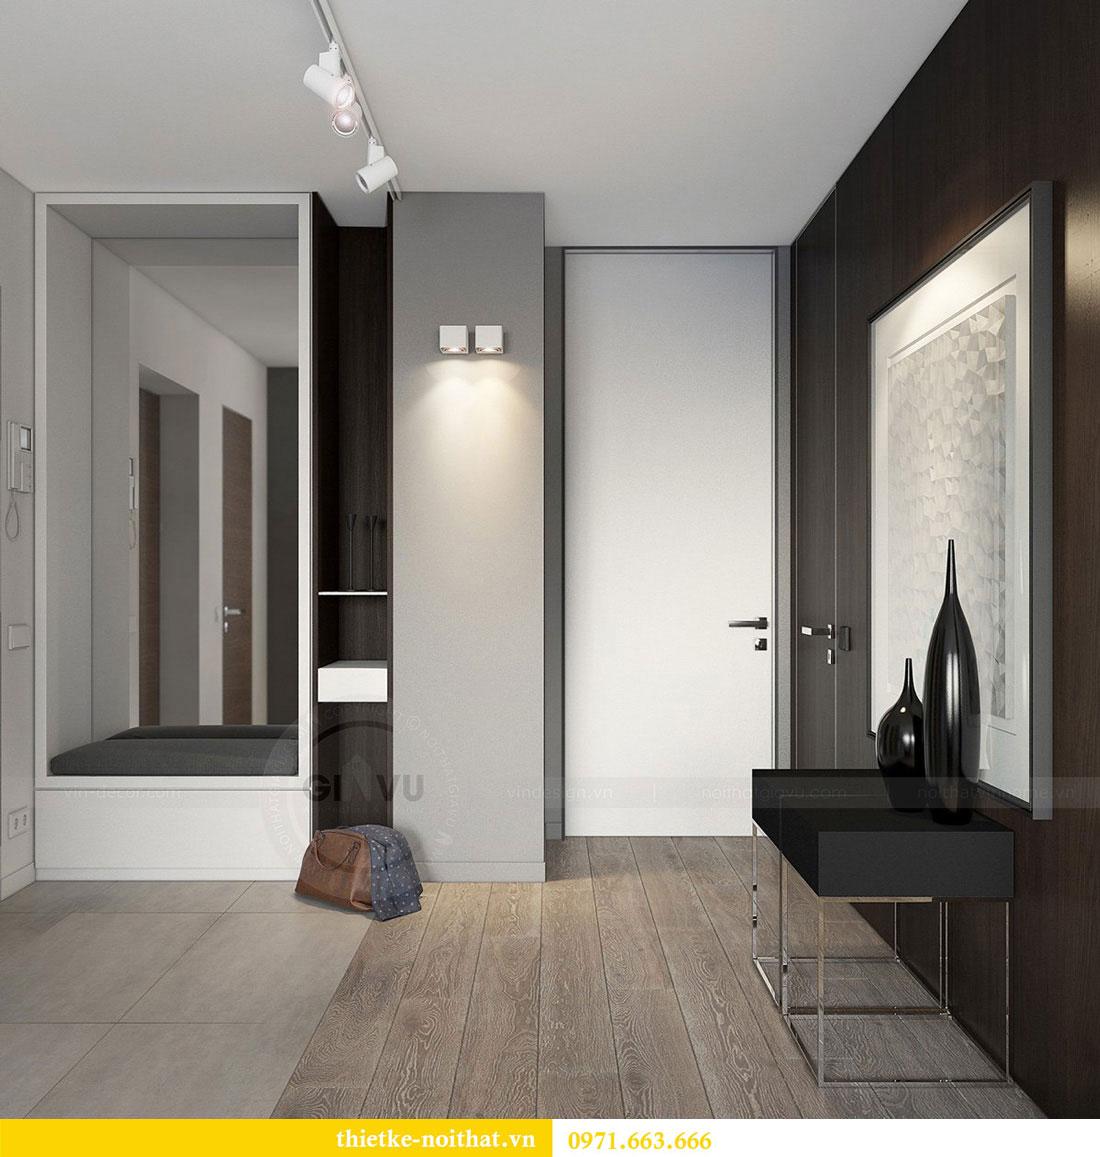 Thiết kế nội thất biệt thự Vinhomes Green Bay Mễ Trì 1